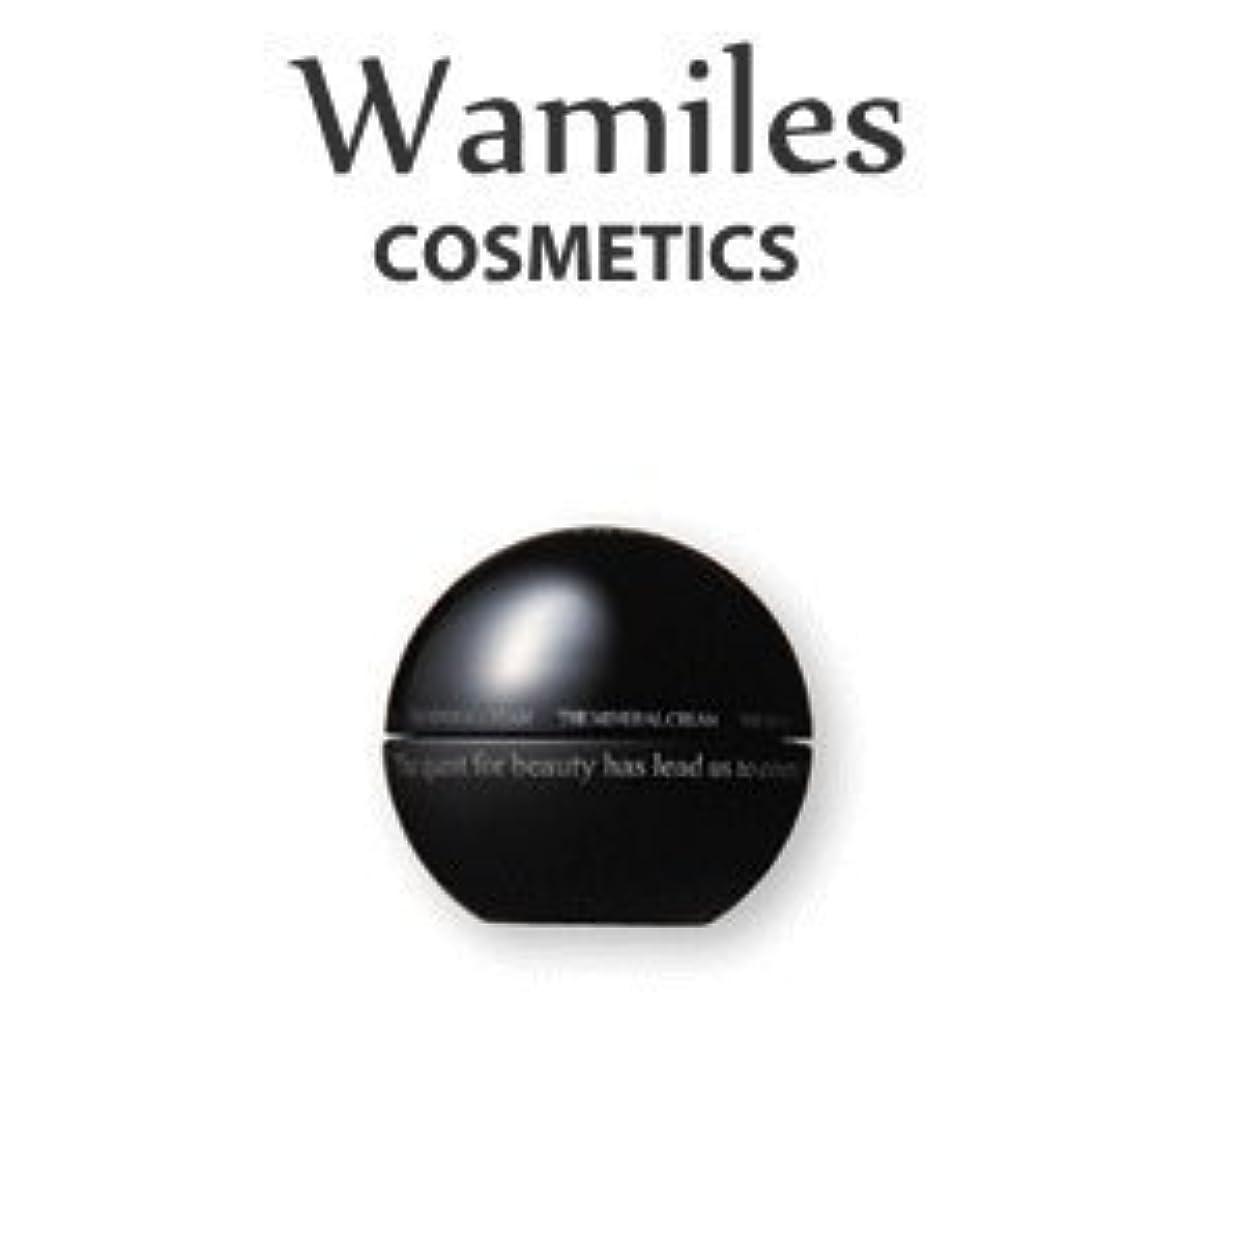 眉正確どのくらいの頻度でwamiles/ワミレス ザ ミネラルクリーム 48g